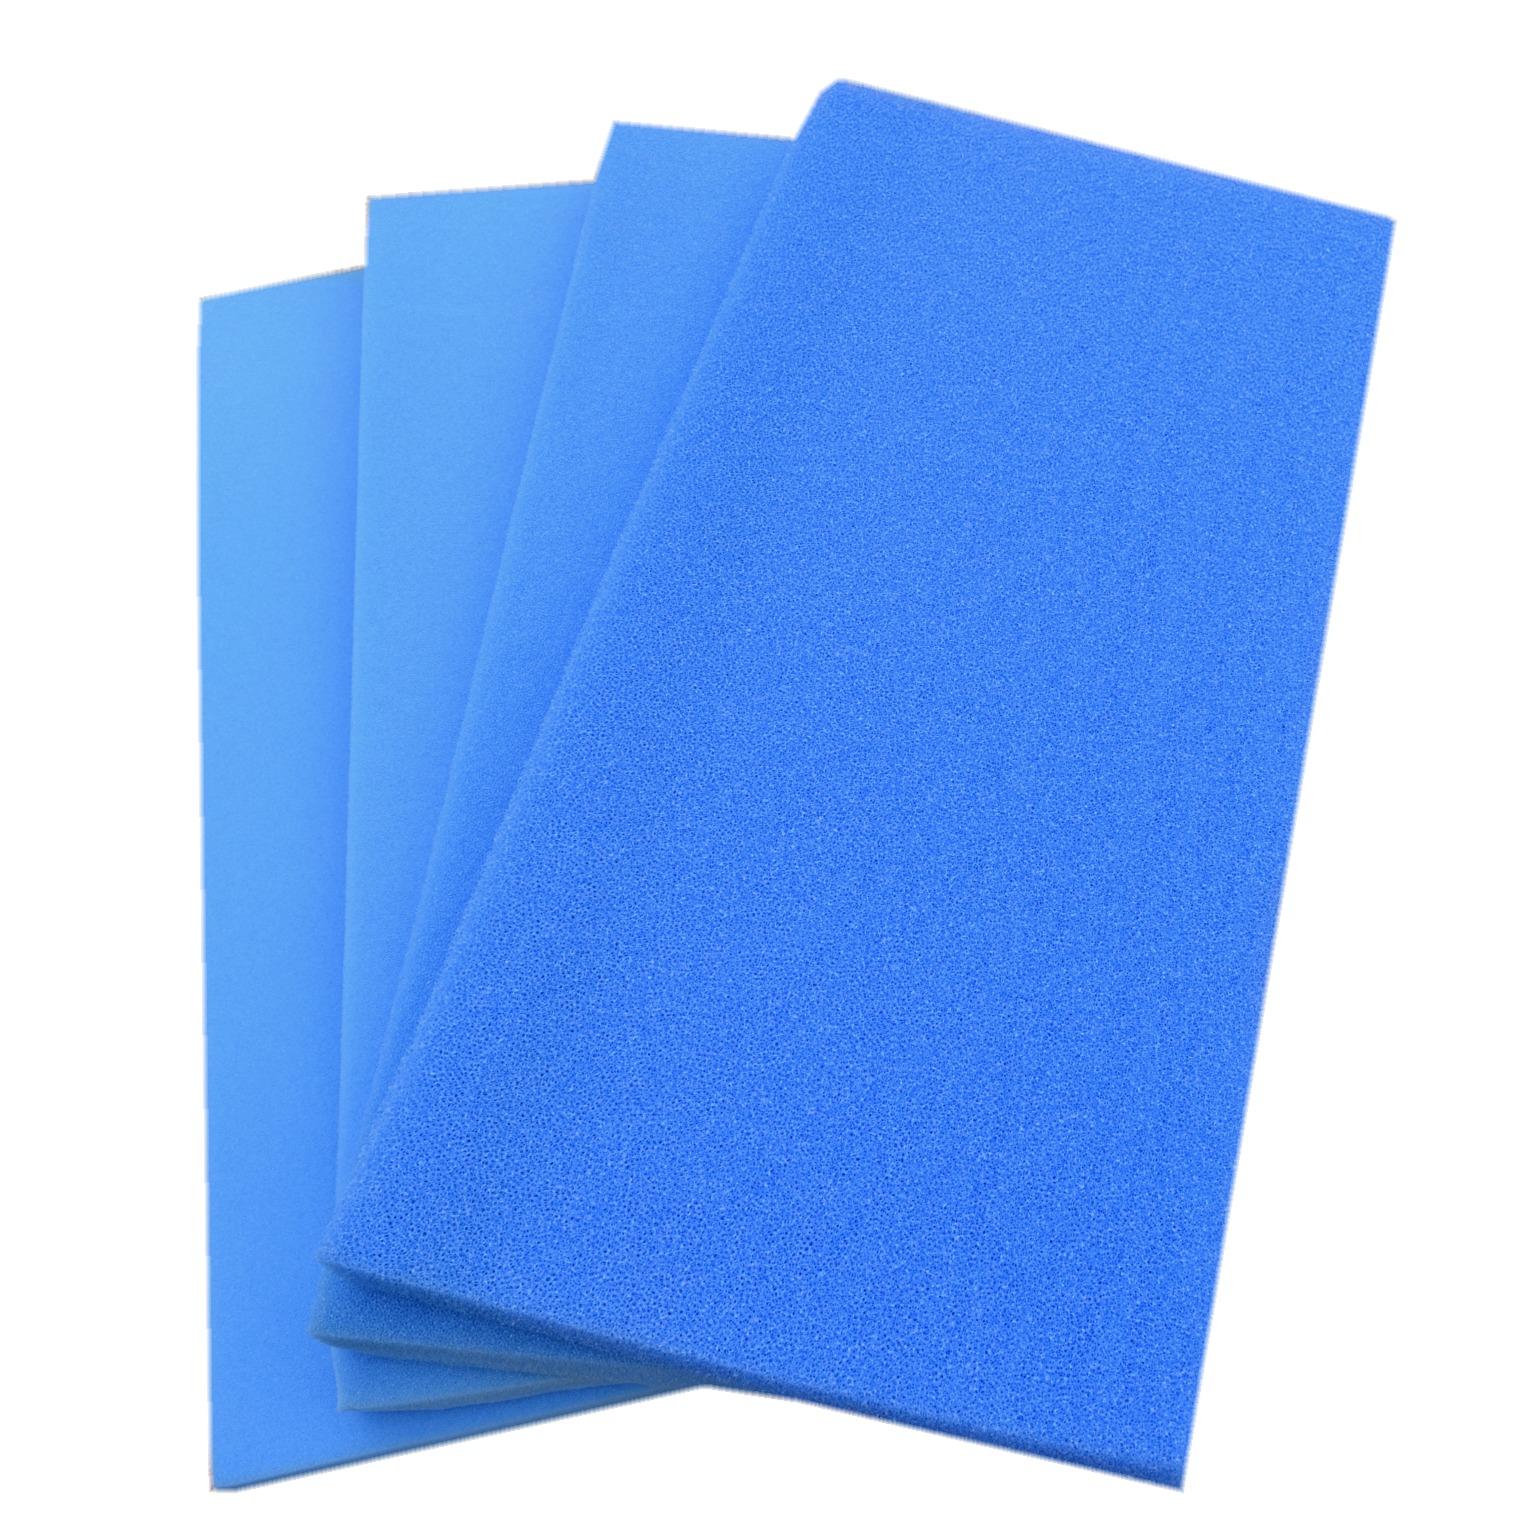 Plaque de mousse 100 x 50 x 5 cm pour filtration 4 mod les - Plaque de mousse pour canape ...